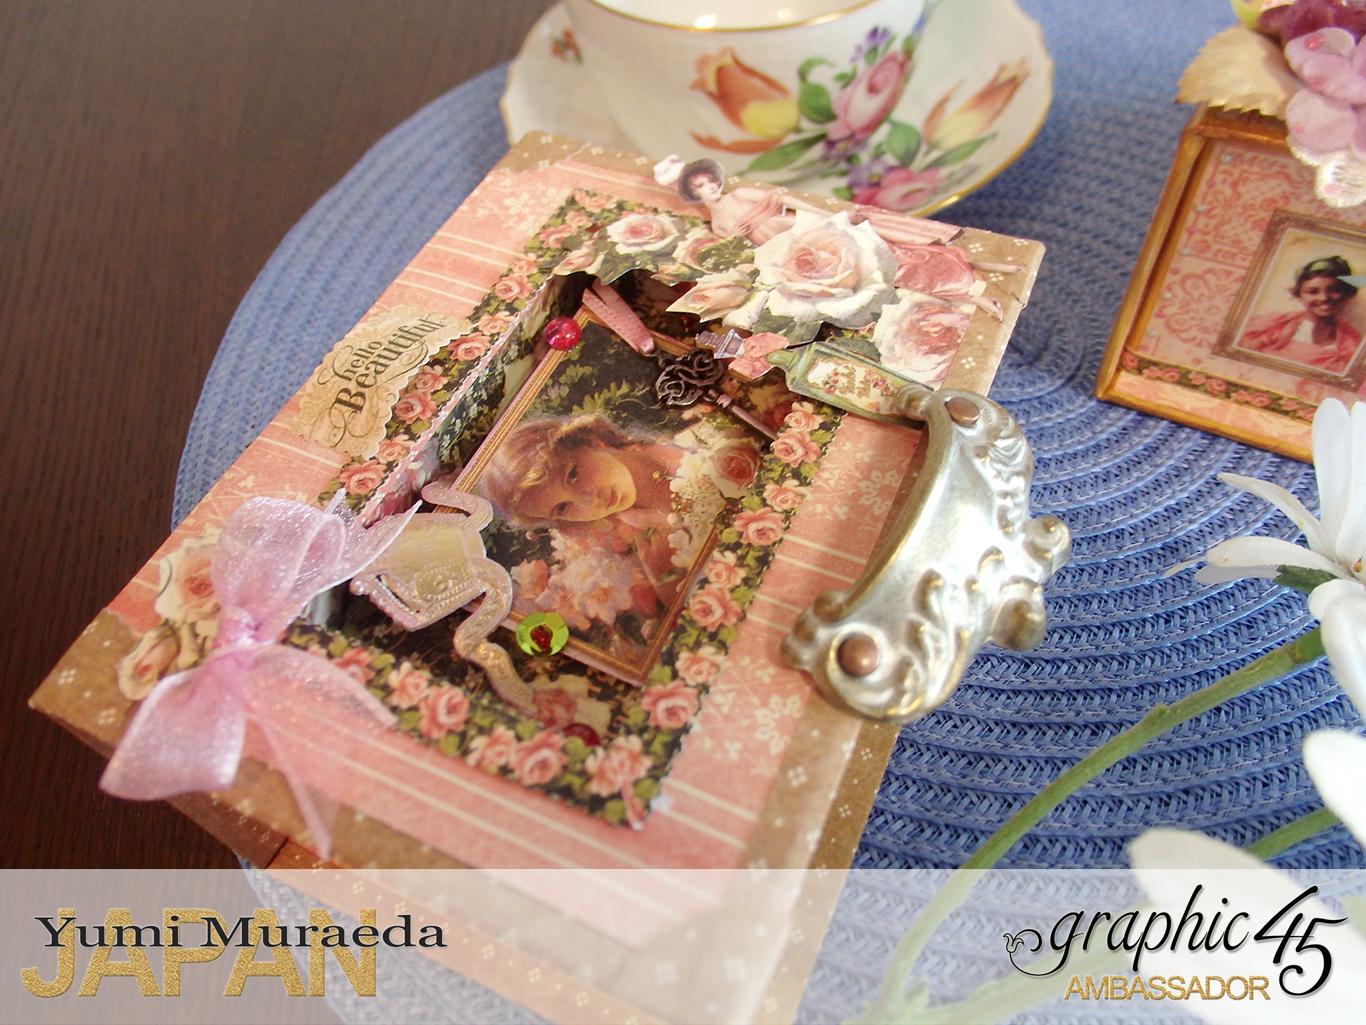 32yuyu3namecardboxGraphic45.jpg